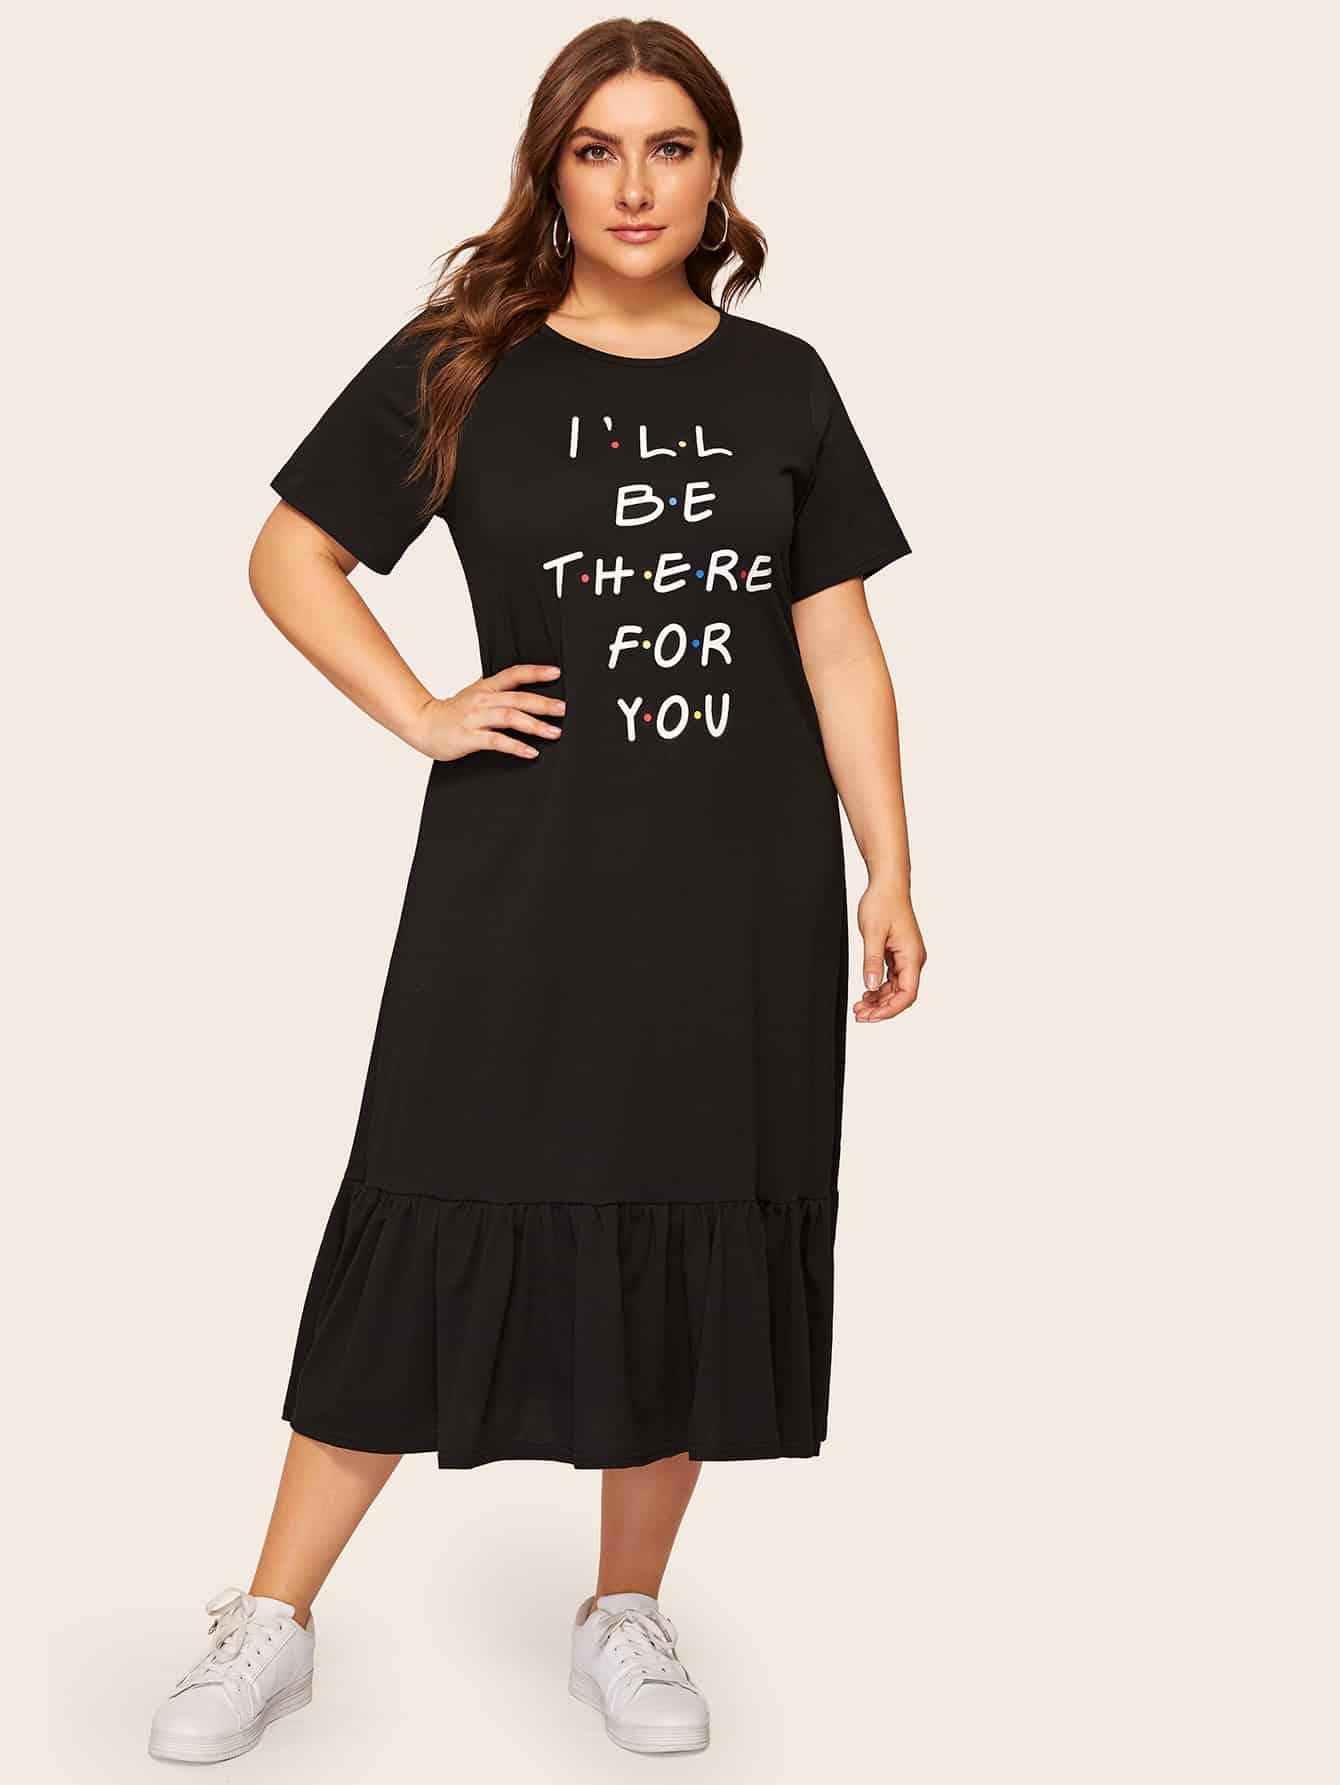 dd38347a64a Размера плюс платье с оборкой и текстовым принтом